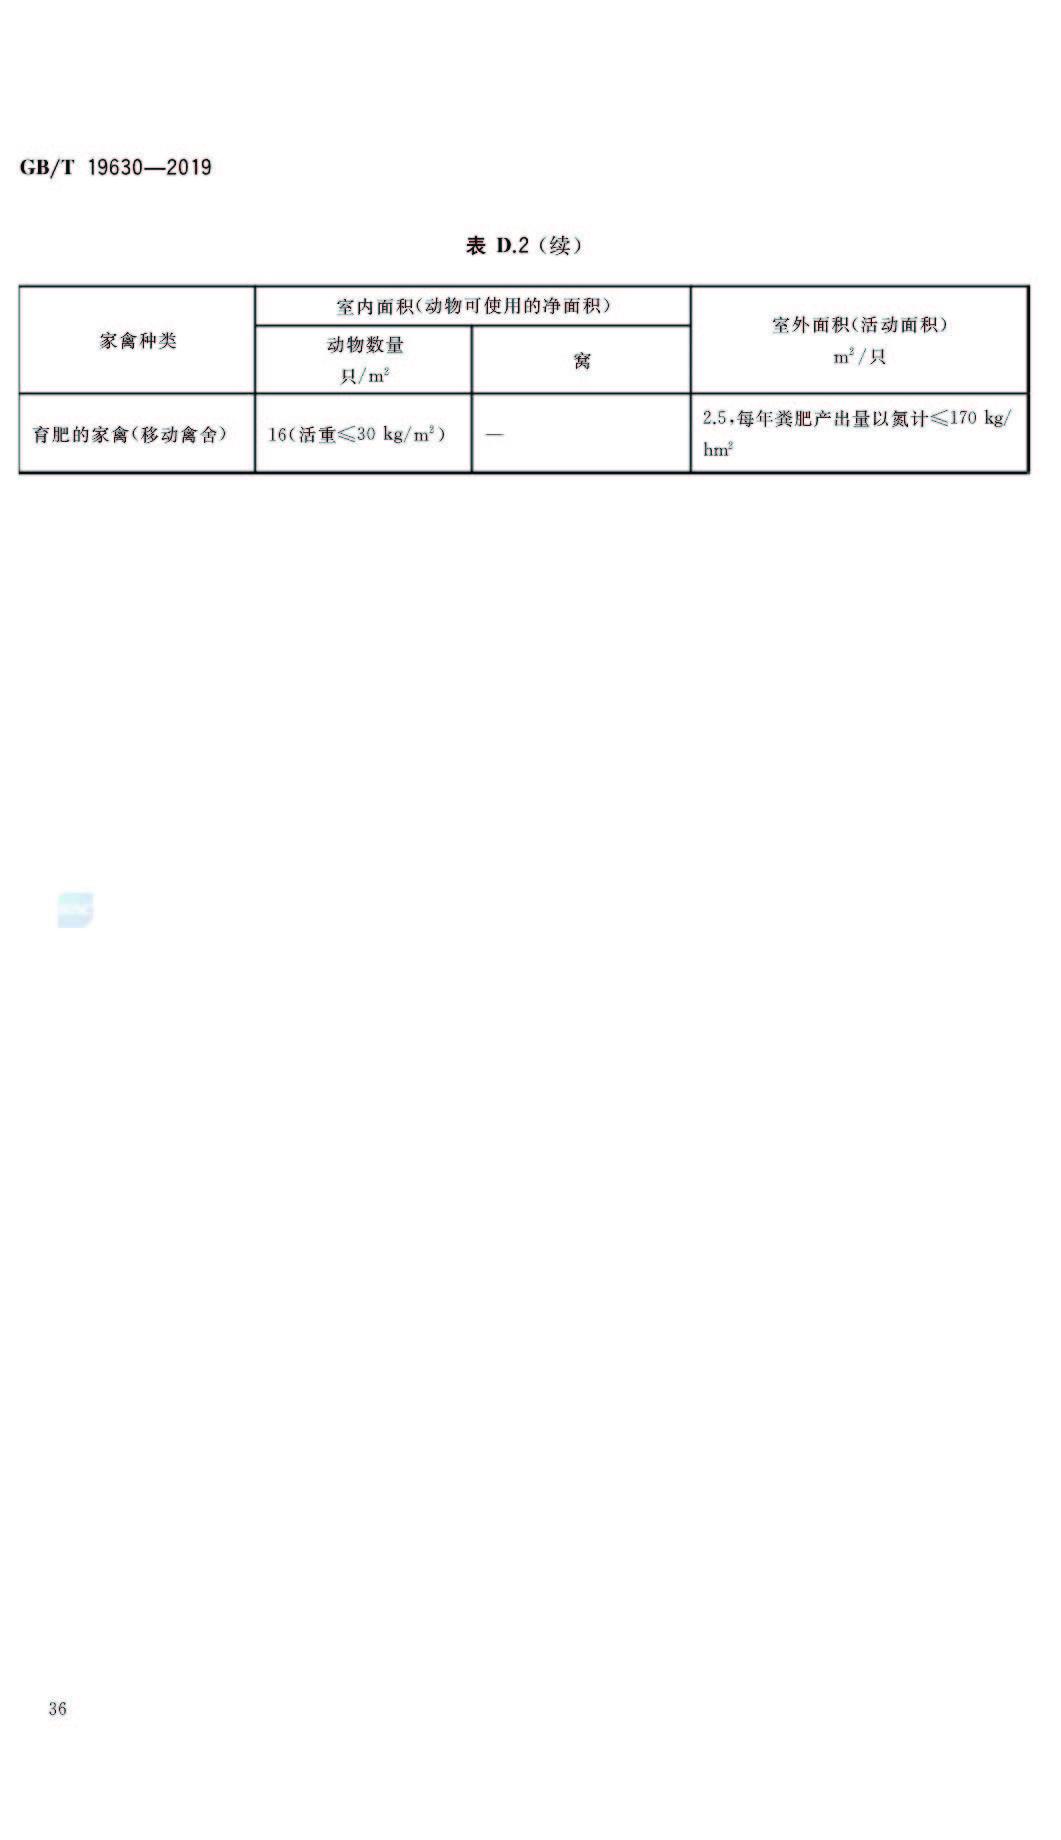 有机食品GBT19630-2019标识与管理体系要求